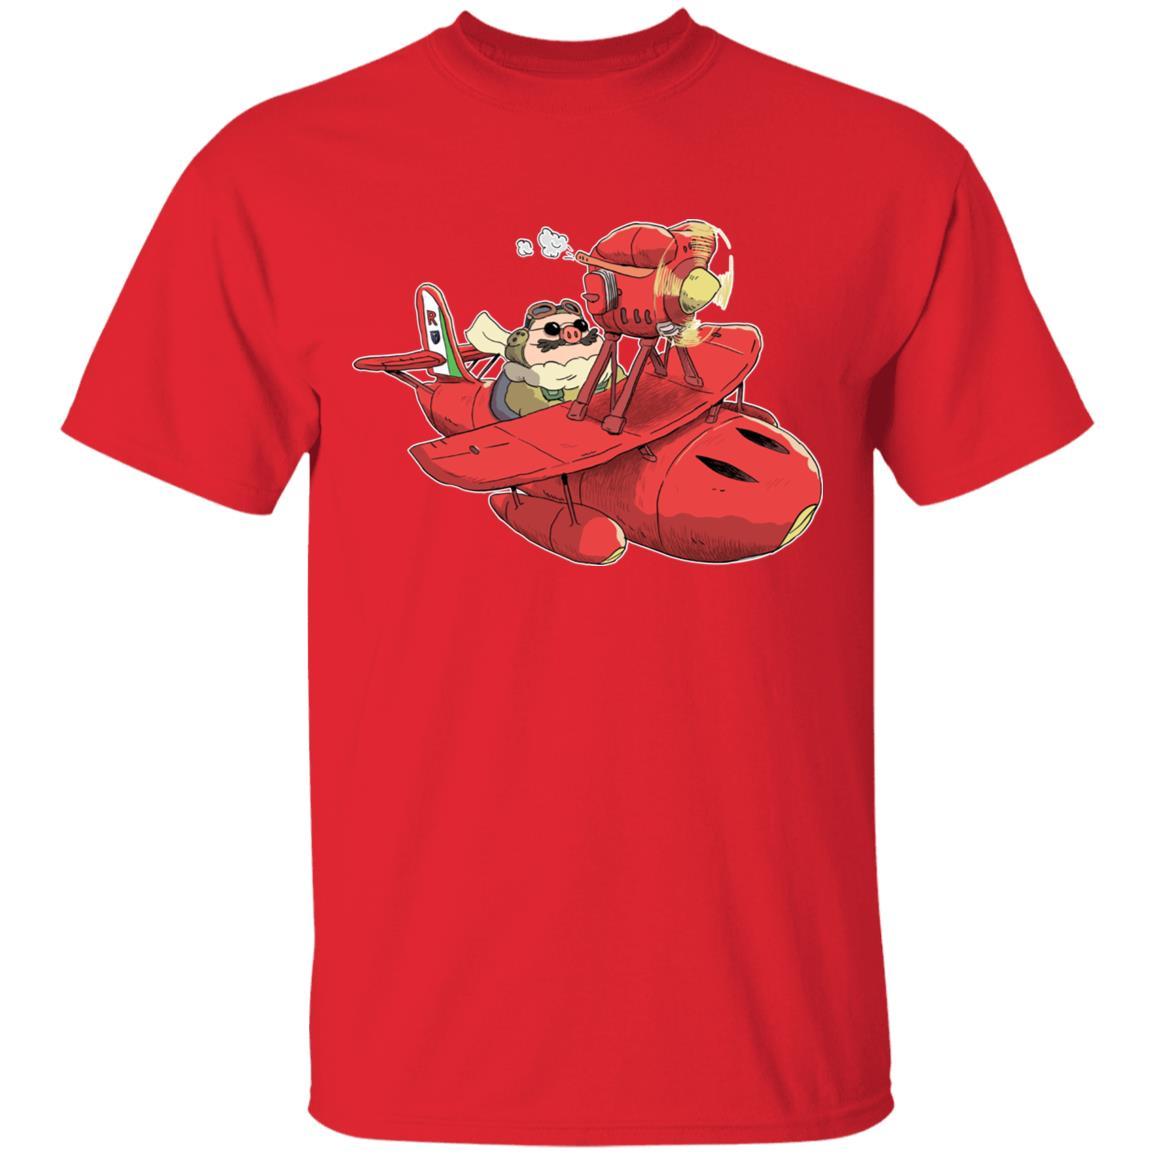 Porco Rosso Chibi T Shirt